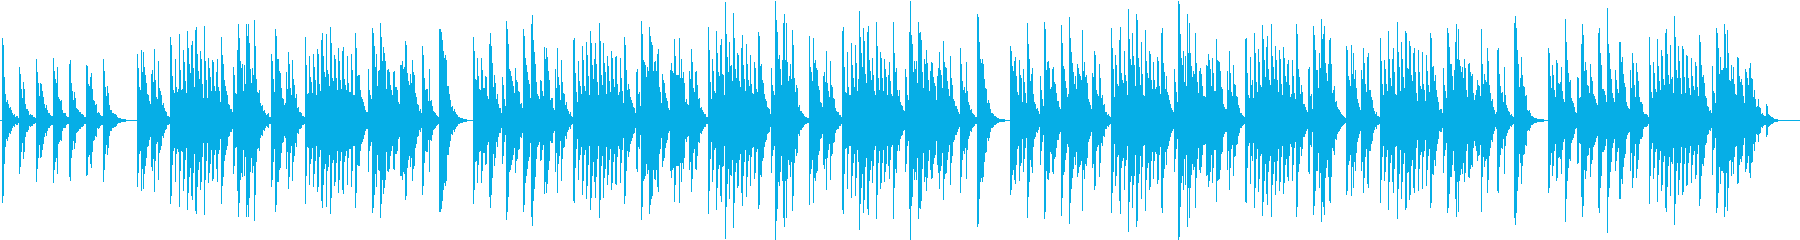 ほんわかオルゴールの再生済みの波形